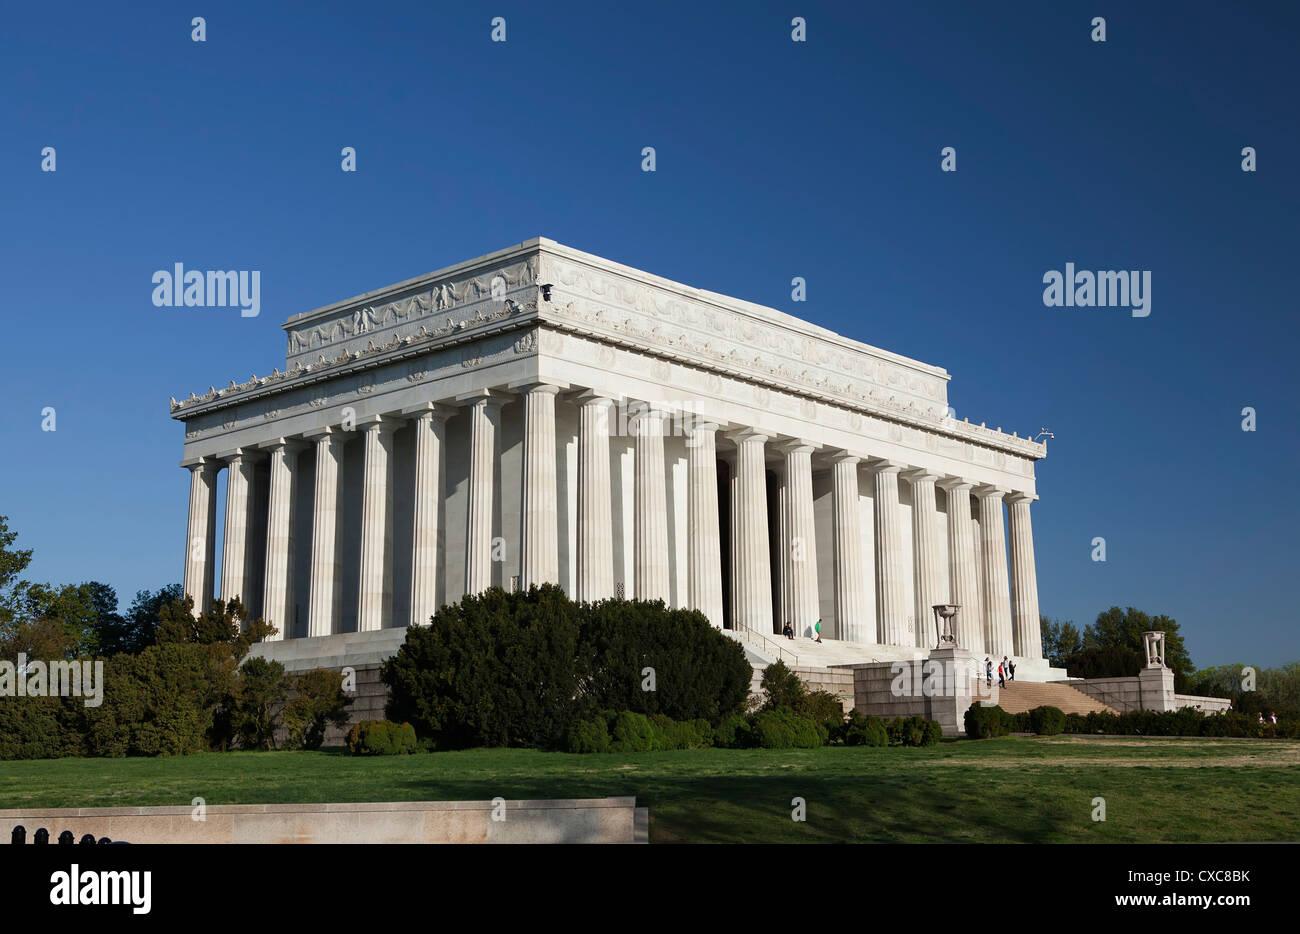 El Lincoln Memorial, Washington D.C., Estados Unidos de América, América del Norte Imagen De Stock